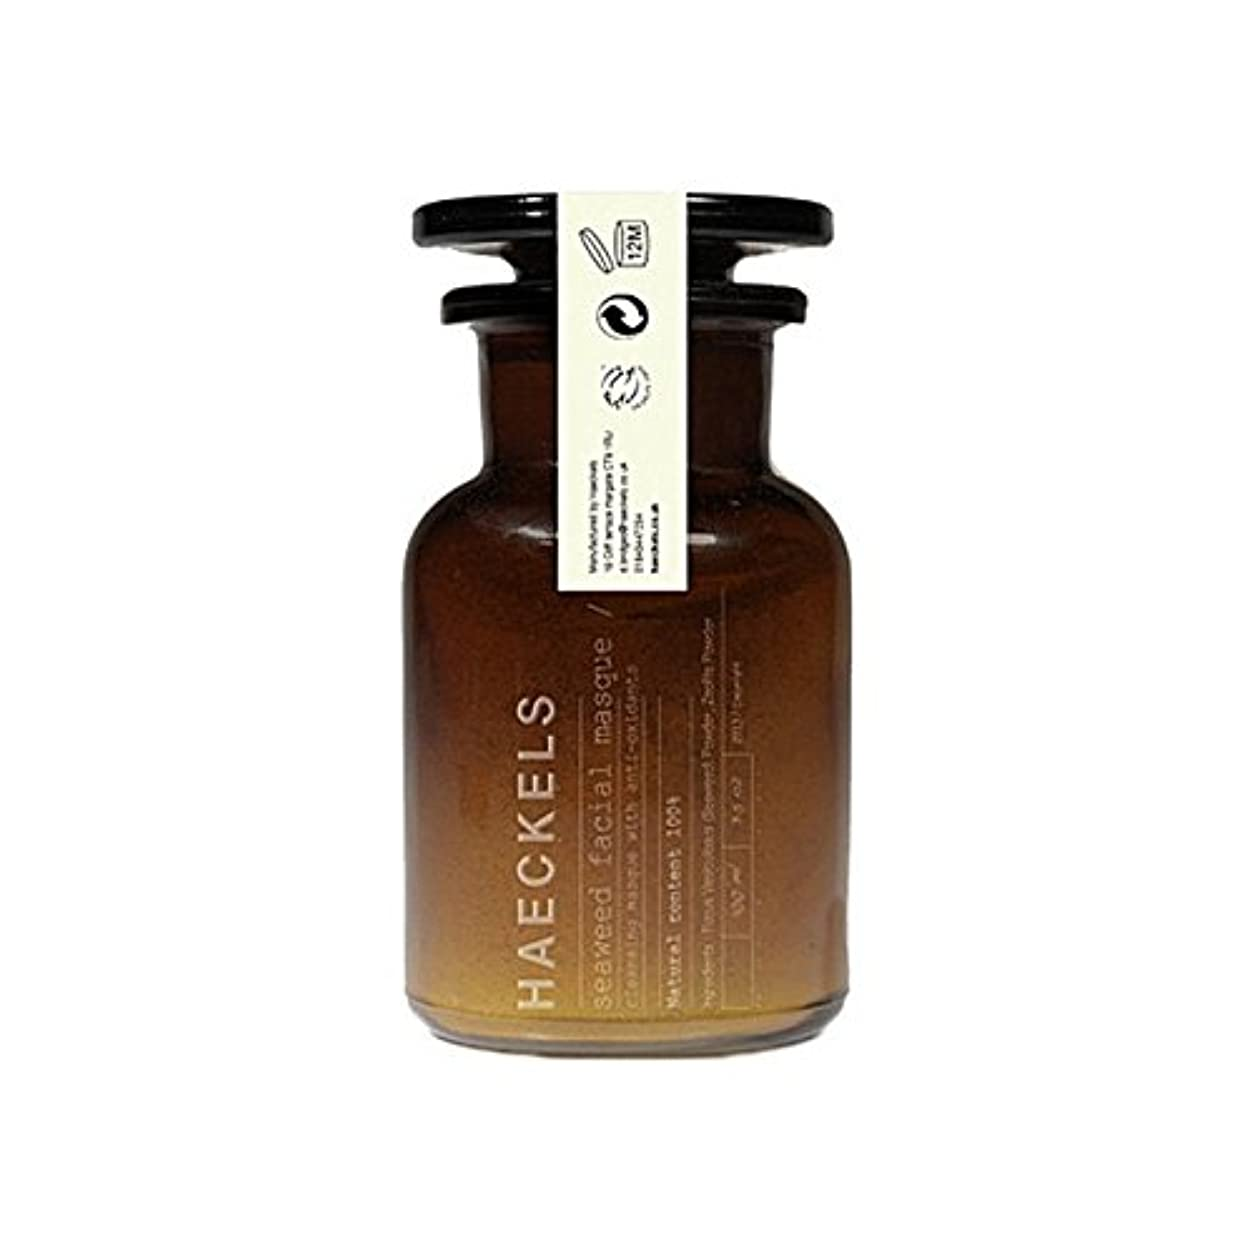 納税者装置発表Haeckels Seaweed And Mineral Face Mask 100Ml (Pack of 6) - 海藻やミネラルフェイスマスク100ミリリットルを x6 [並行輸入品]